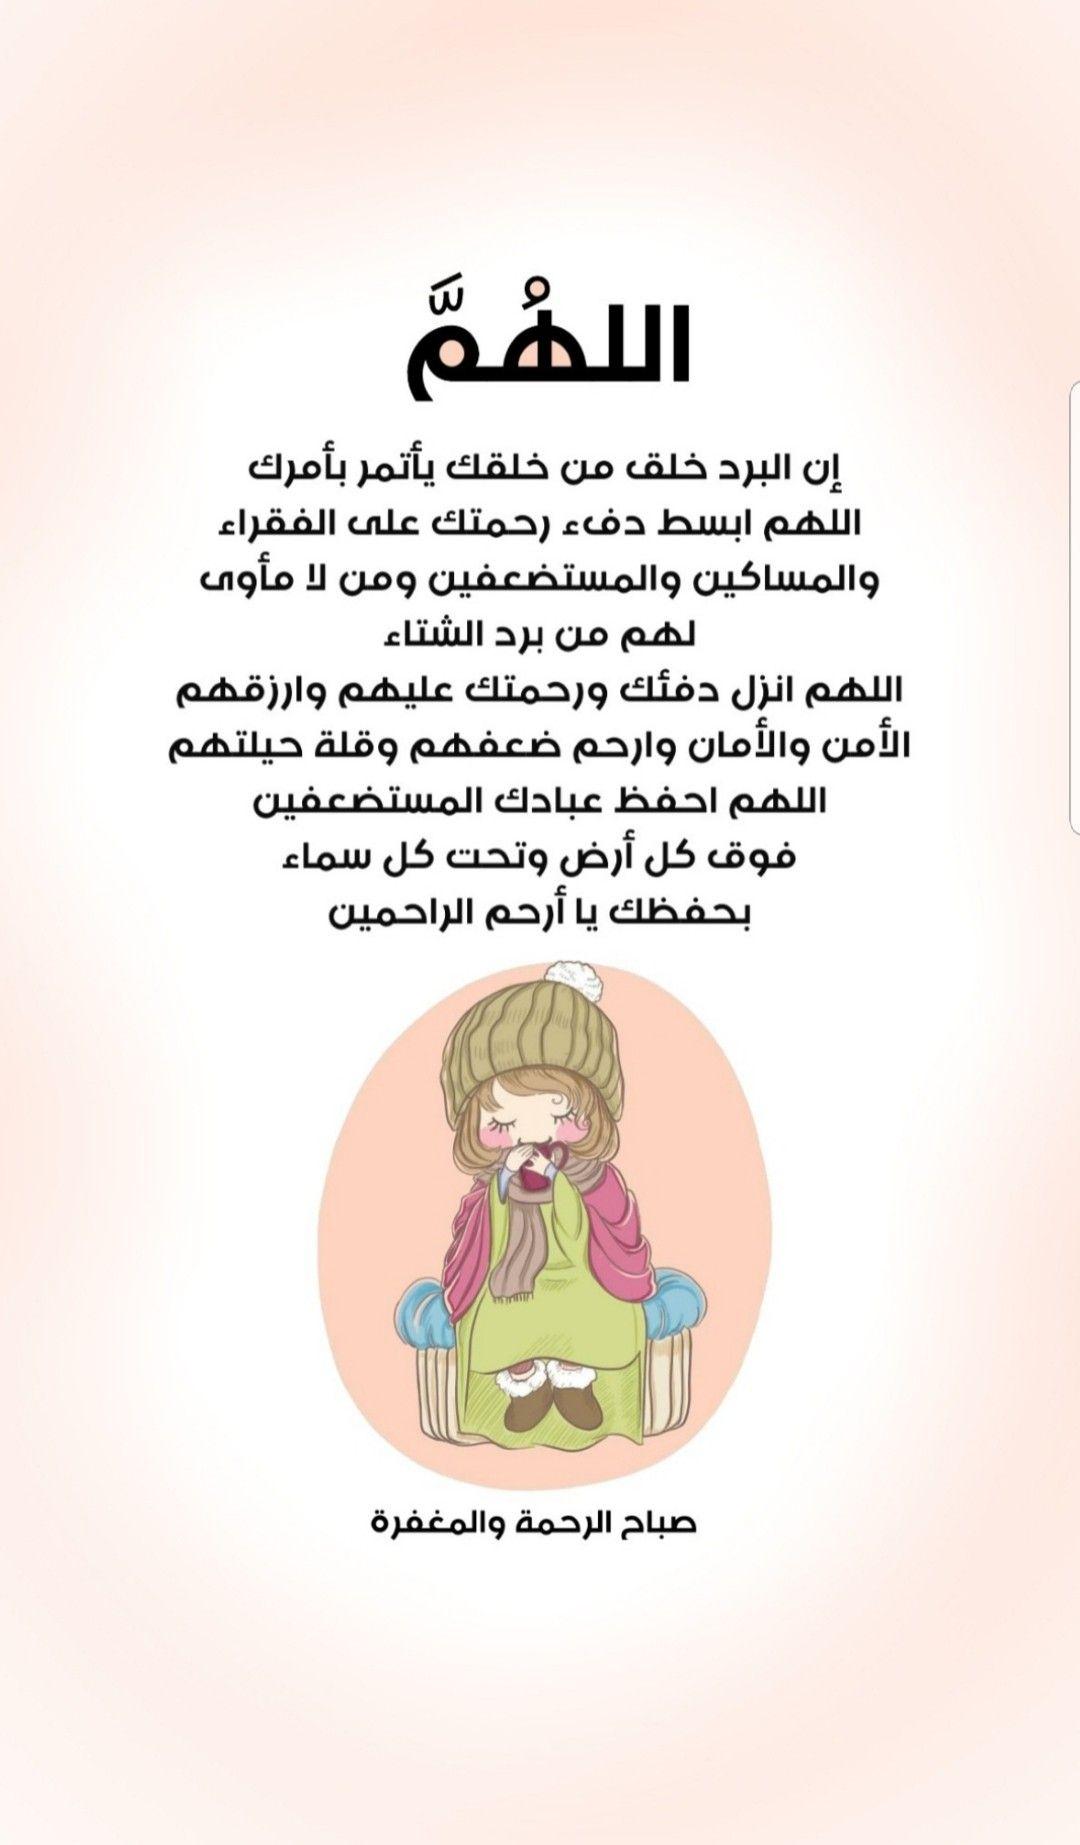 الله م إن البرد خلق من خلقك يأتمر بأمرك اللهم ابسط دفء رحمتك على الفقراء والمساكين والمستضعفين ومن لا مأو Cool Words Good Morning Arabic Morning Texts